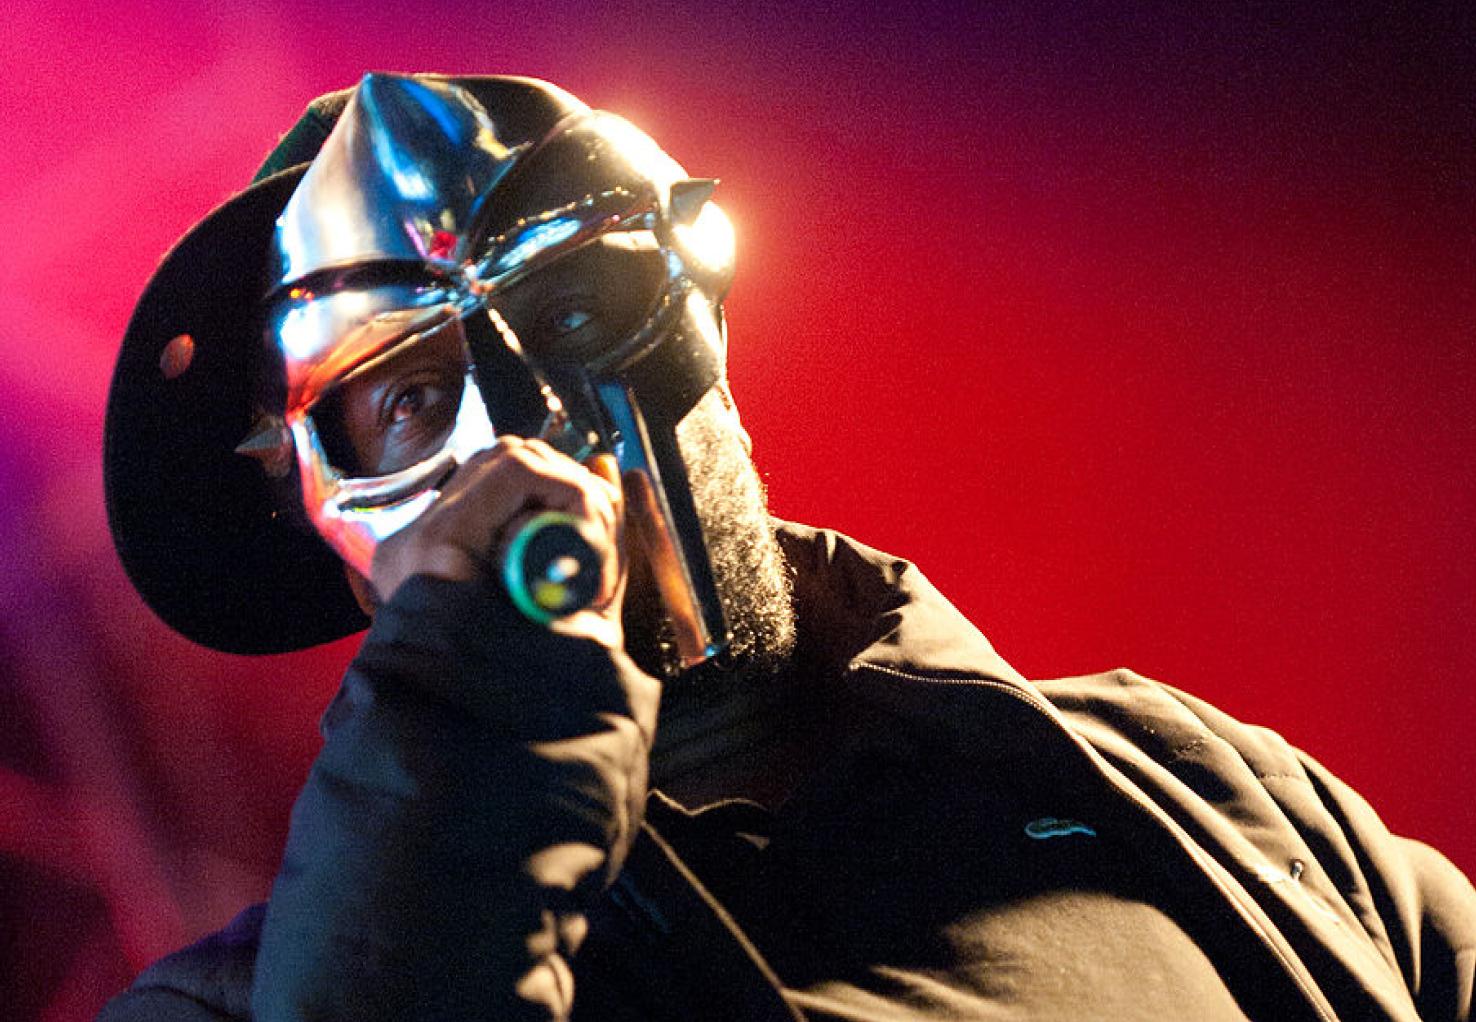 Foto de Possan, tirada no Hultsfredsfestivalen, na Suécia, em 2011. CC BY-SA 3.0